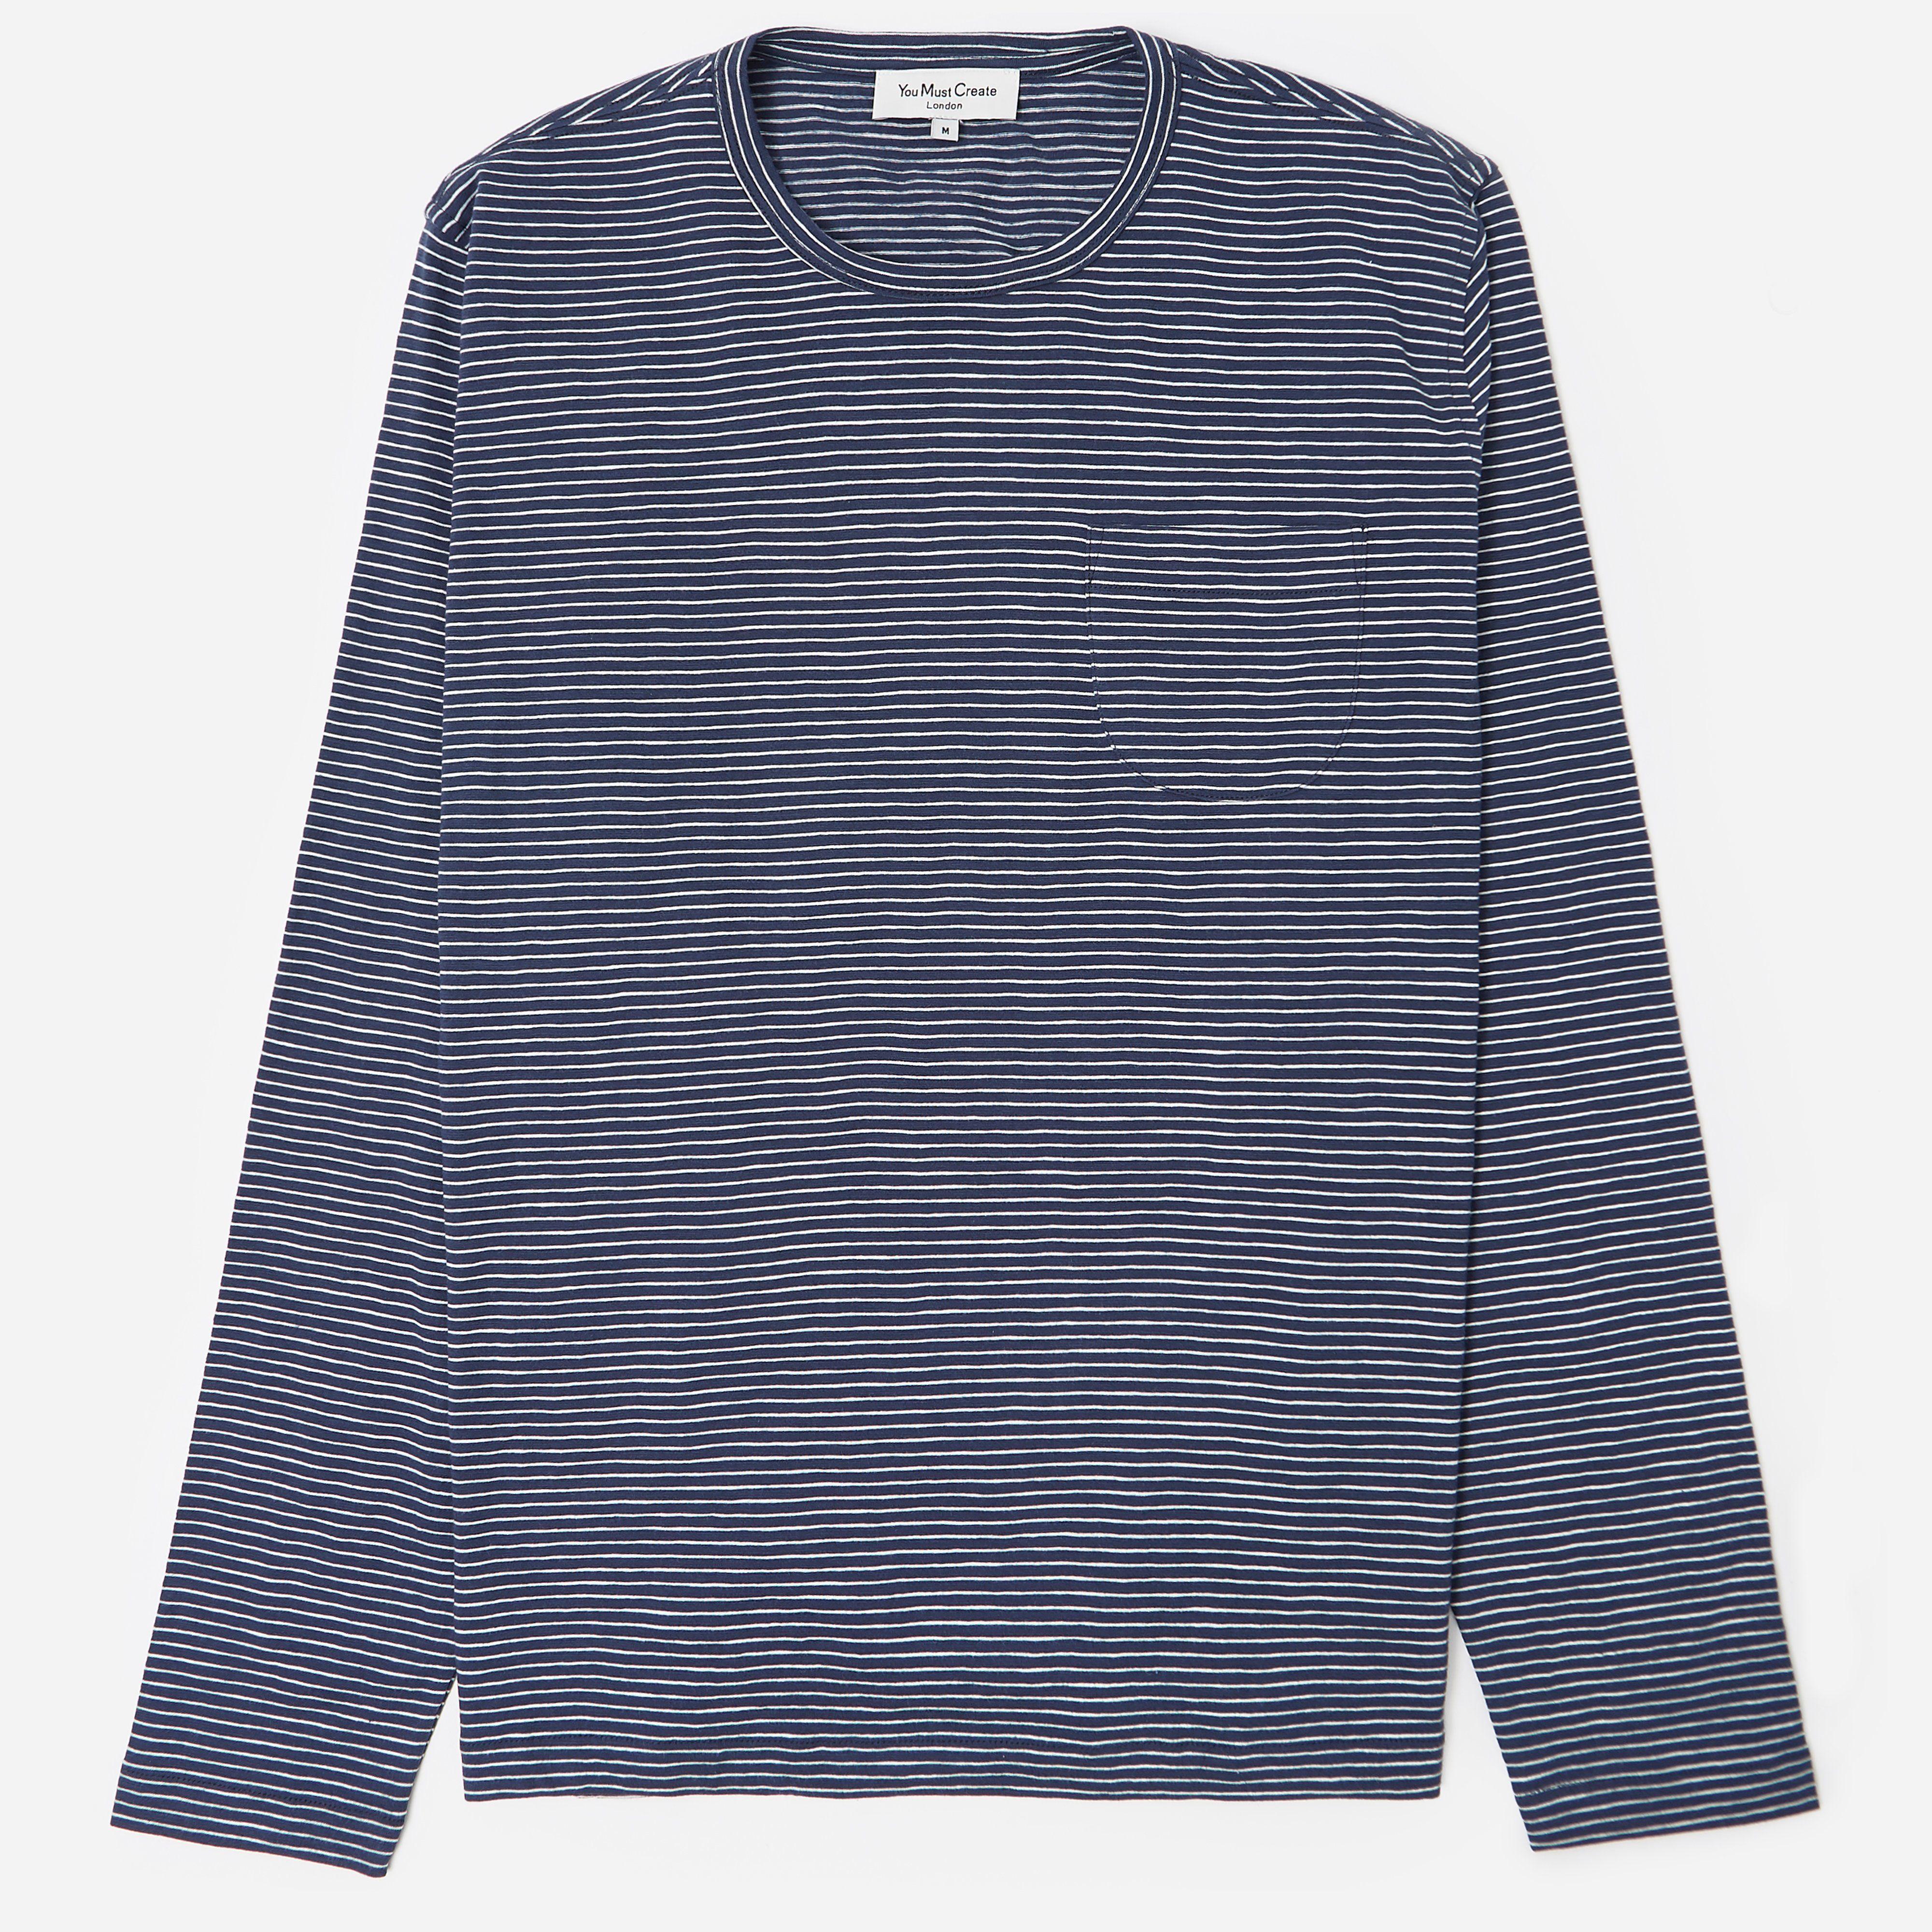 YMC Matisse Long Sleeve T-shirt